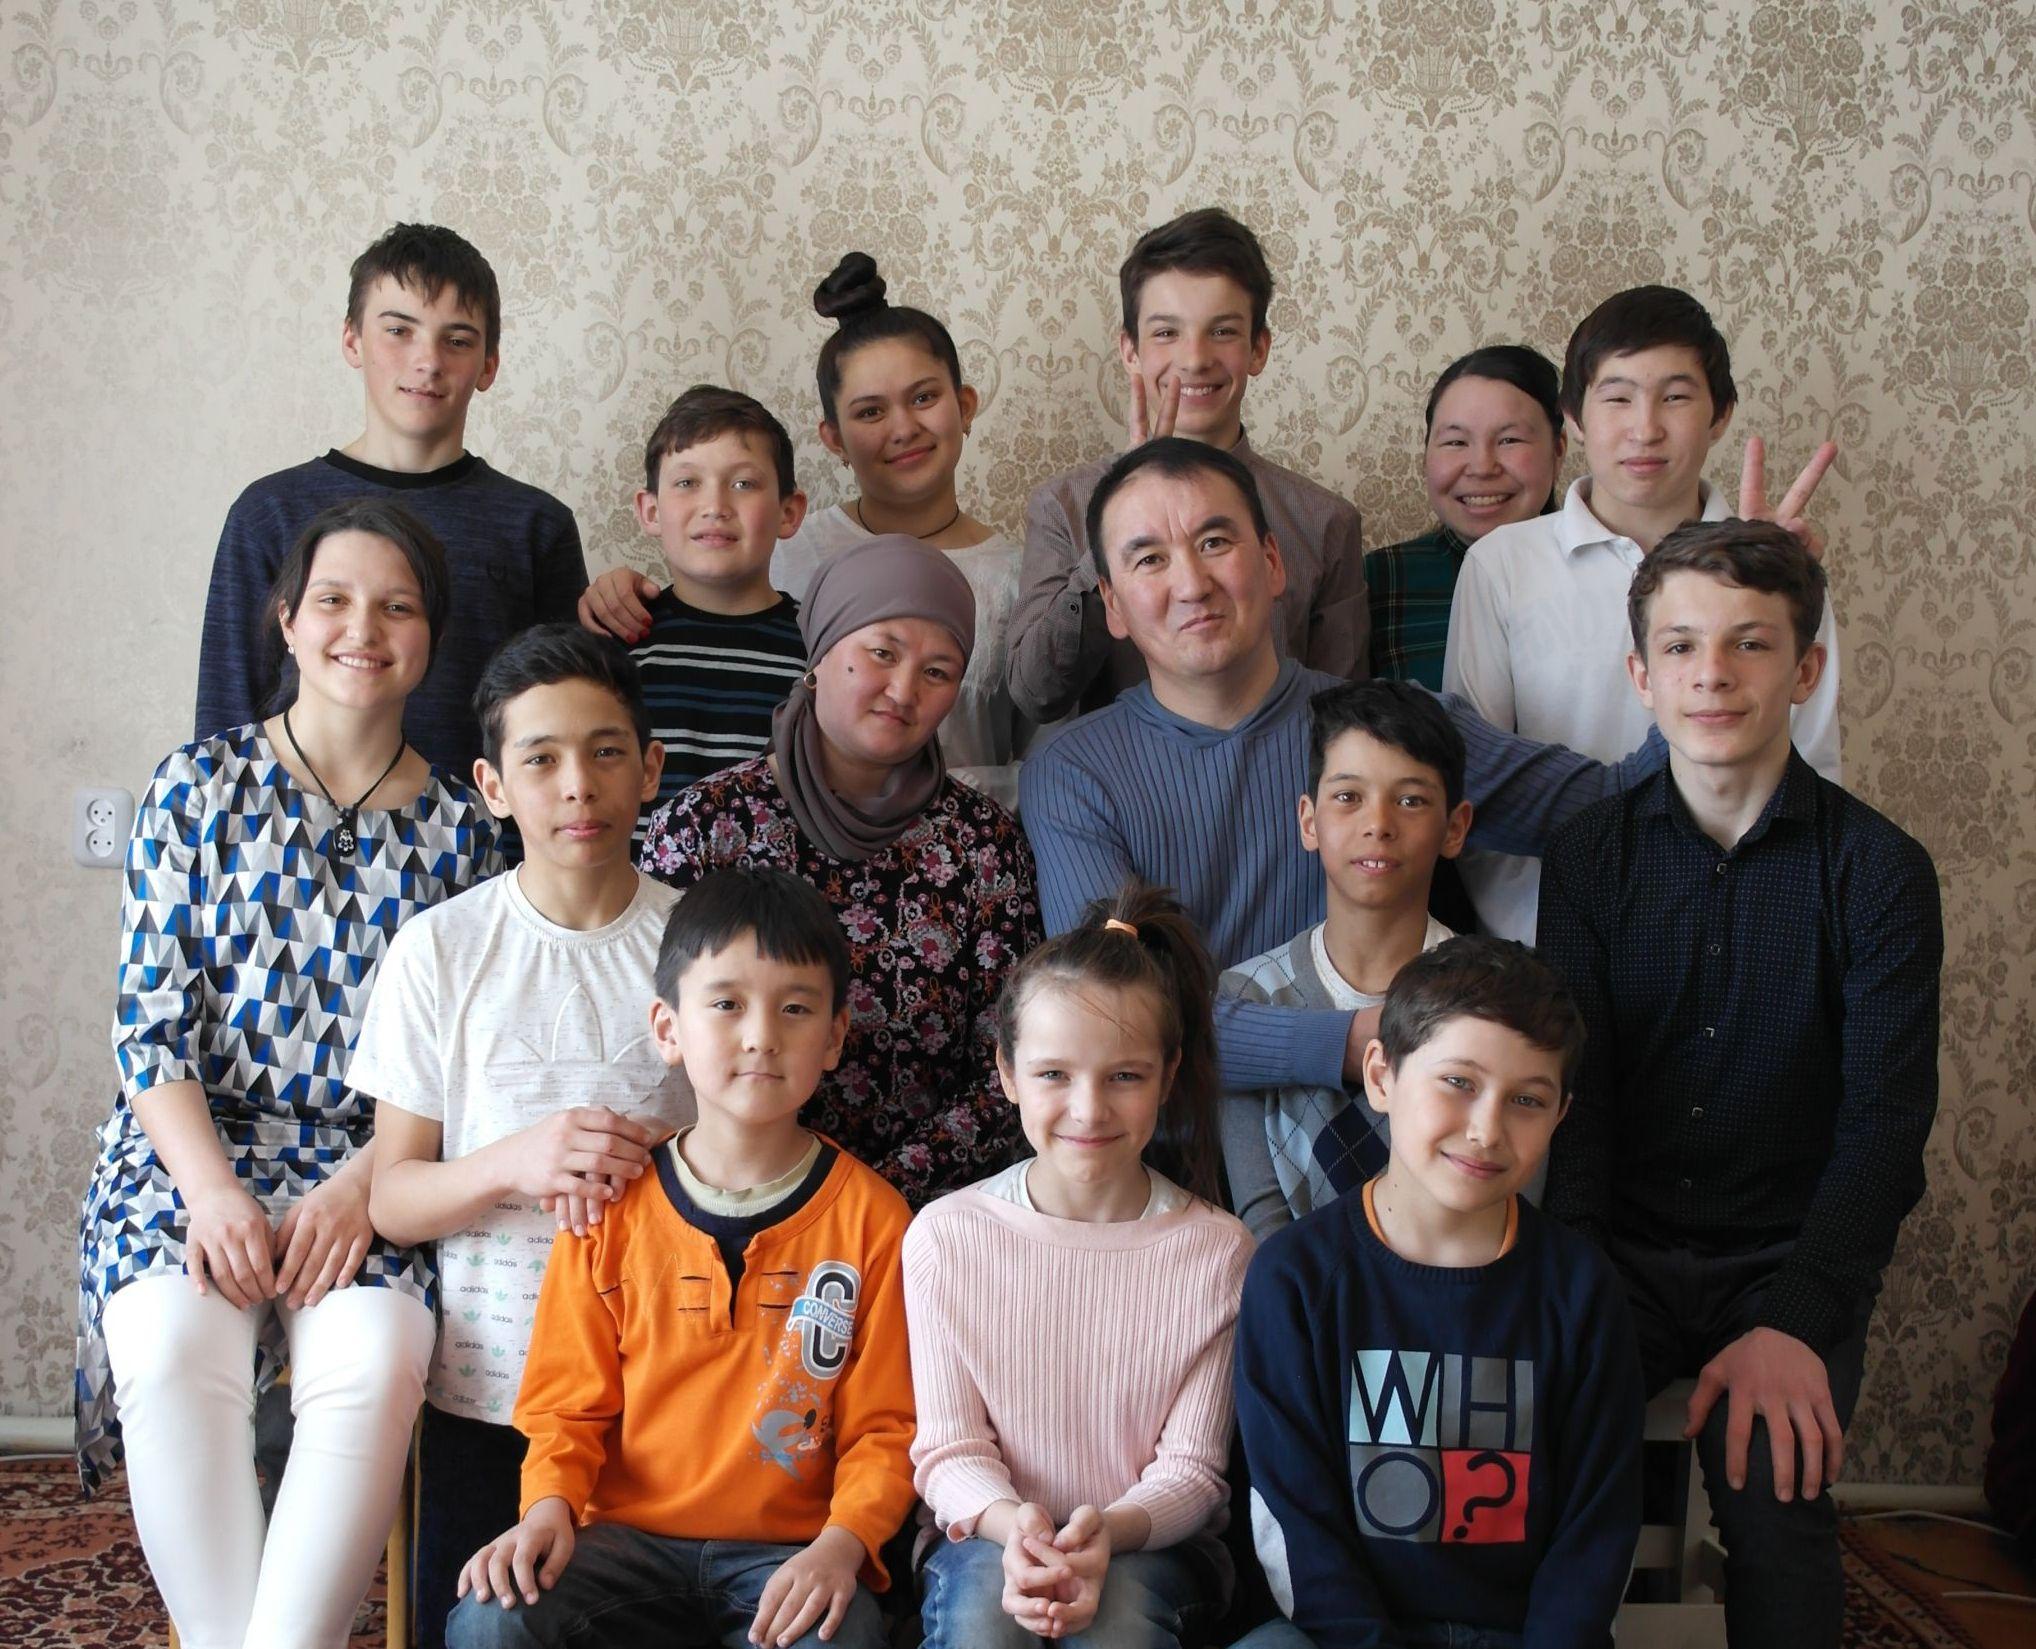 Семья, пройдя большой путь, разрослась. Мурат Кабылбаев стал общественным деятелем, получил несколько титулов и премий, в том силе Алтын журек за помощь сиротам, вошел в 100 новых лиц Казахстана и написал книгу Покажи мне небо, которая началась с заметок о детях